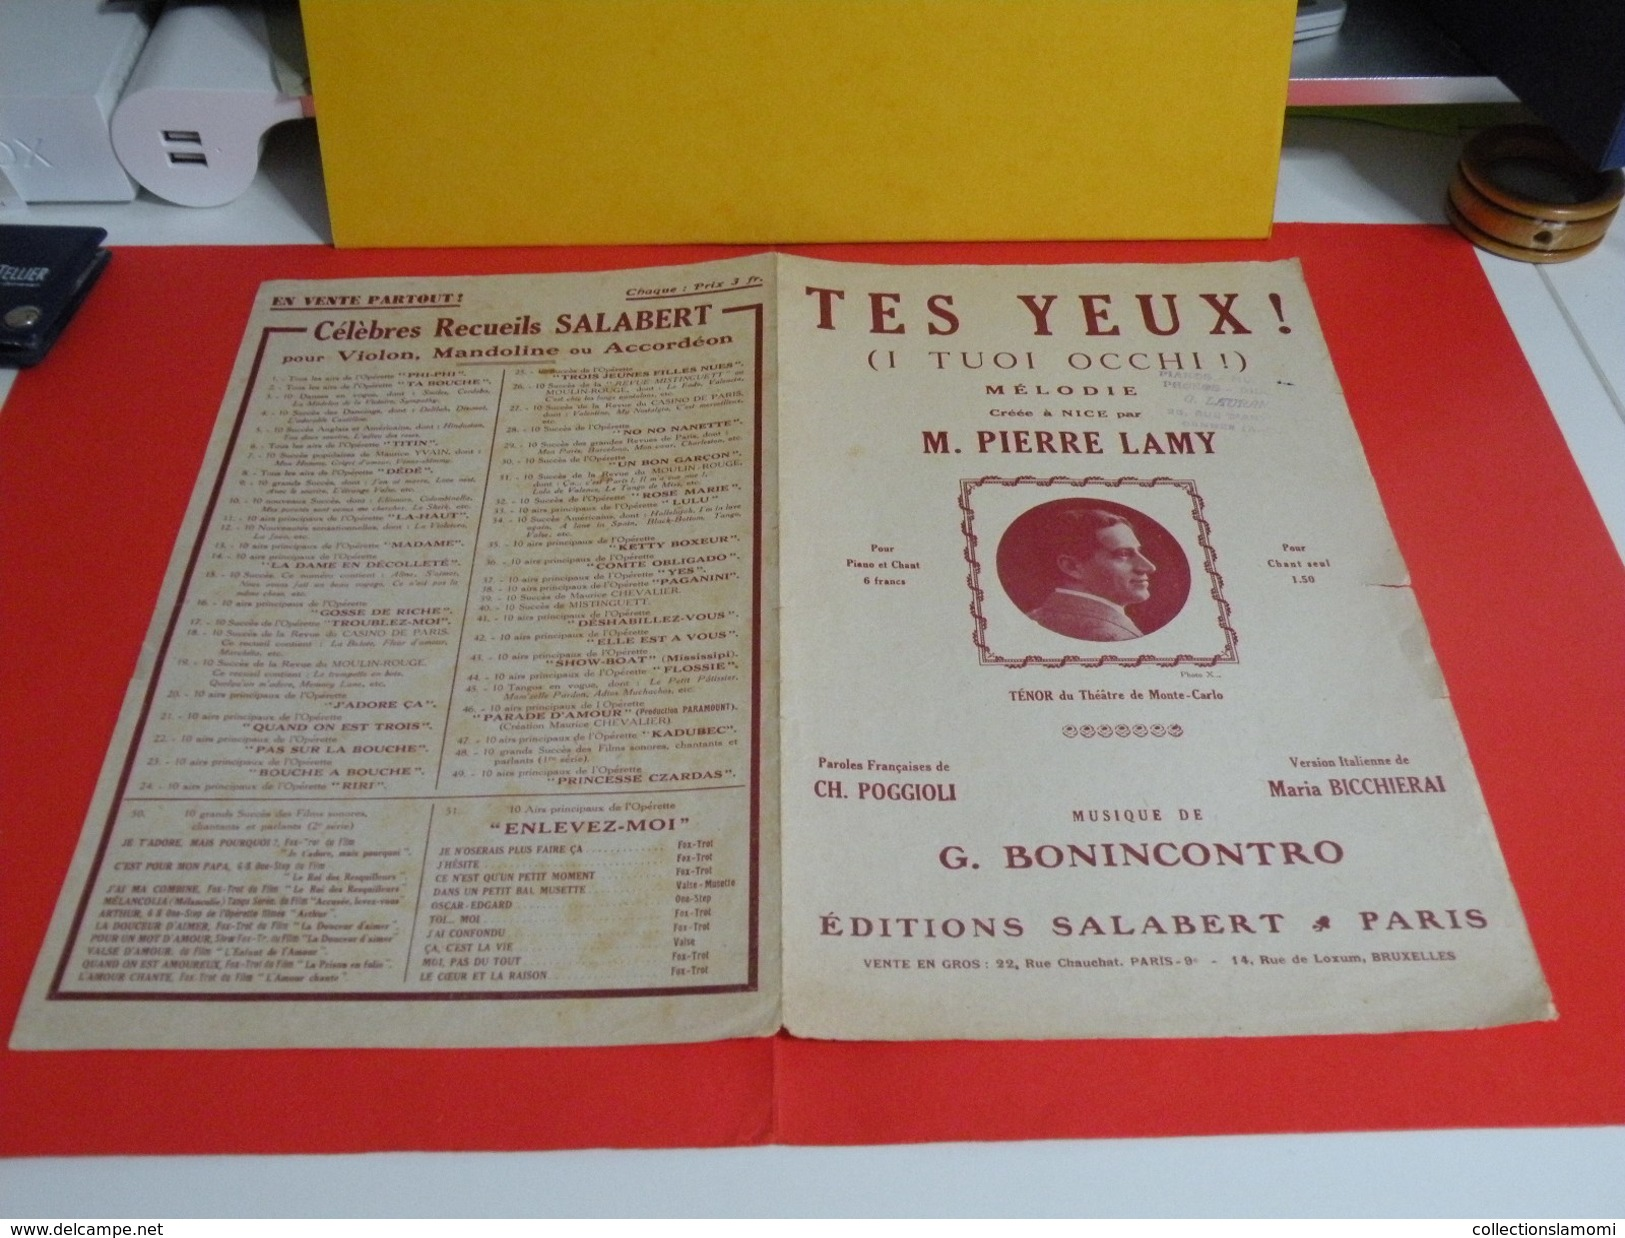 Musique & Partitions > Chansonniers Opéra > Tes Yeux -Paroles Charles Poggioli -Musique G. Bonincontro 1916 - Opéra